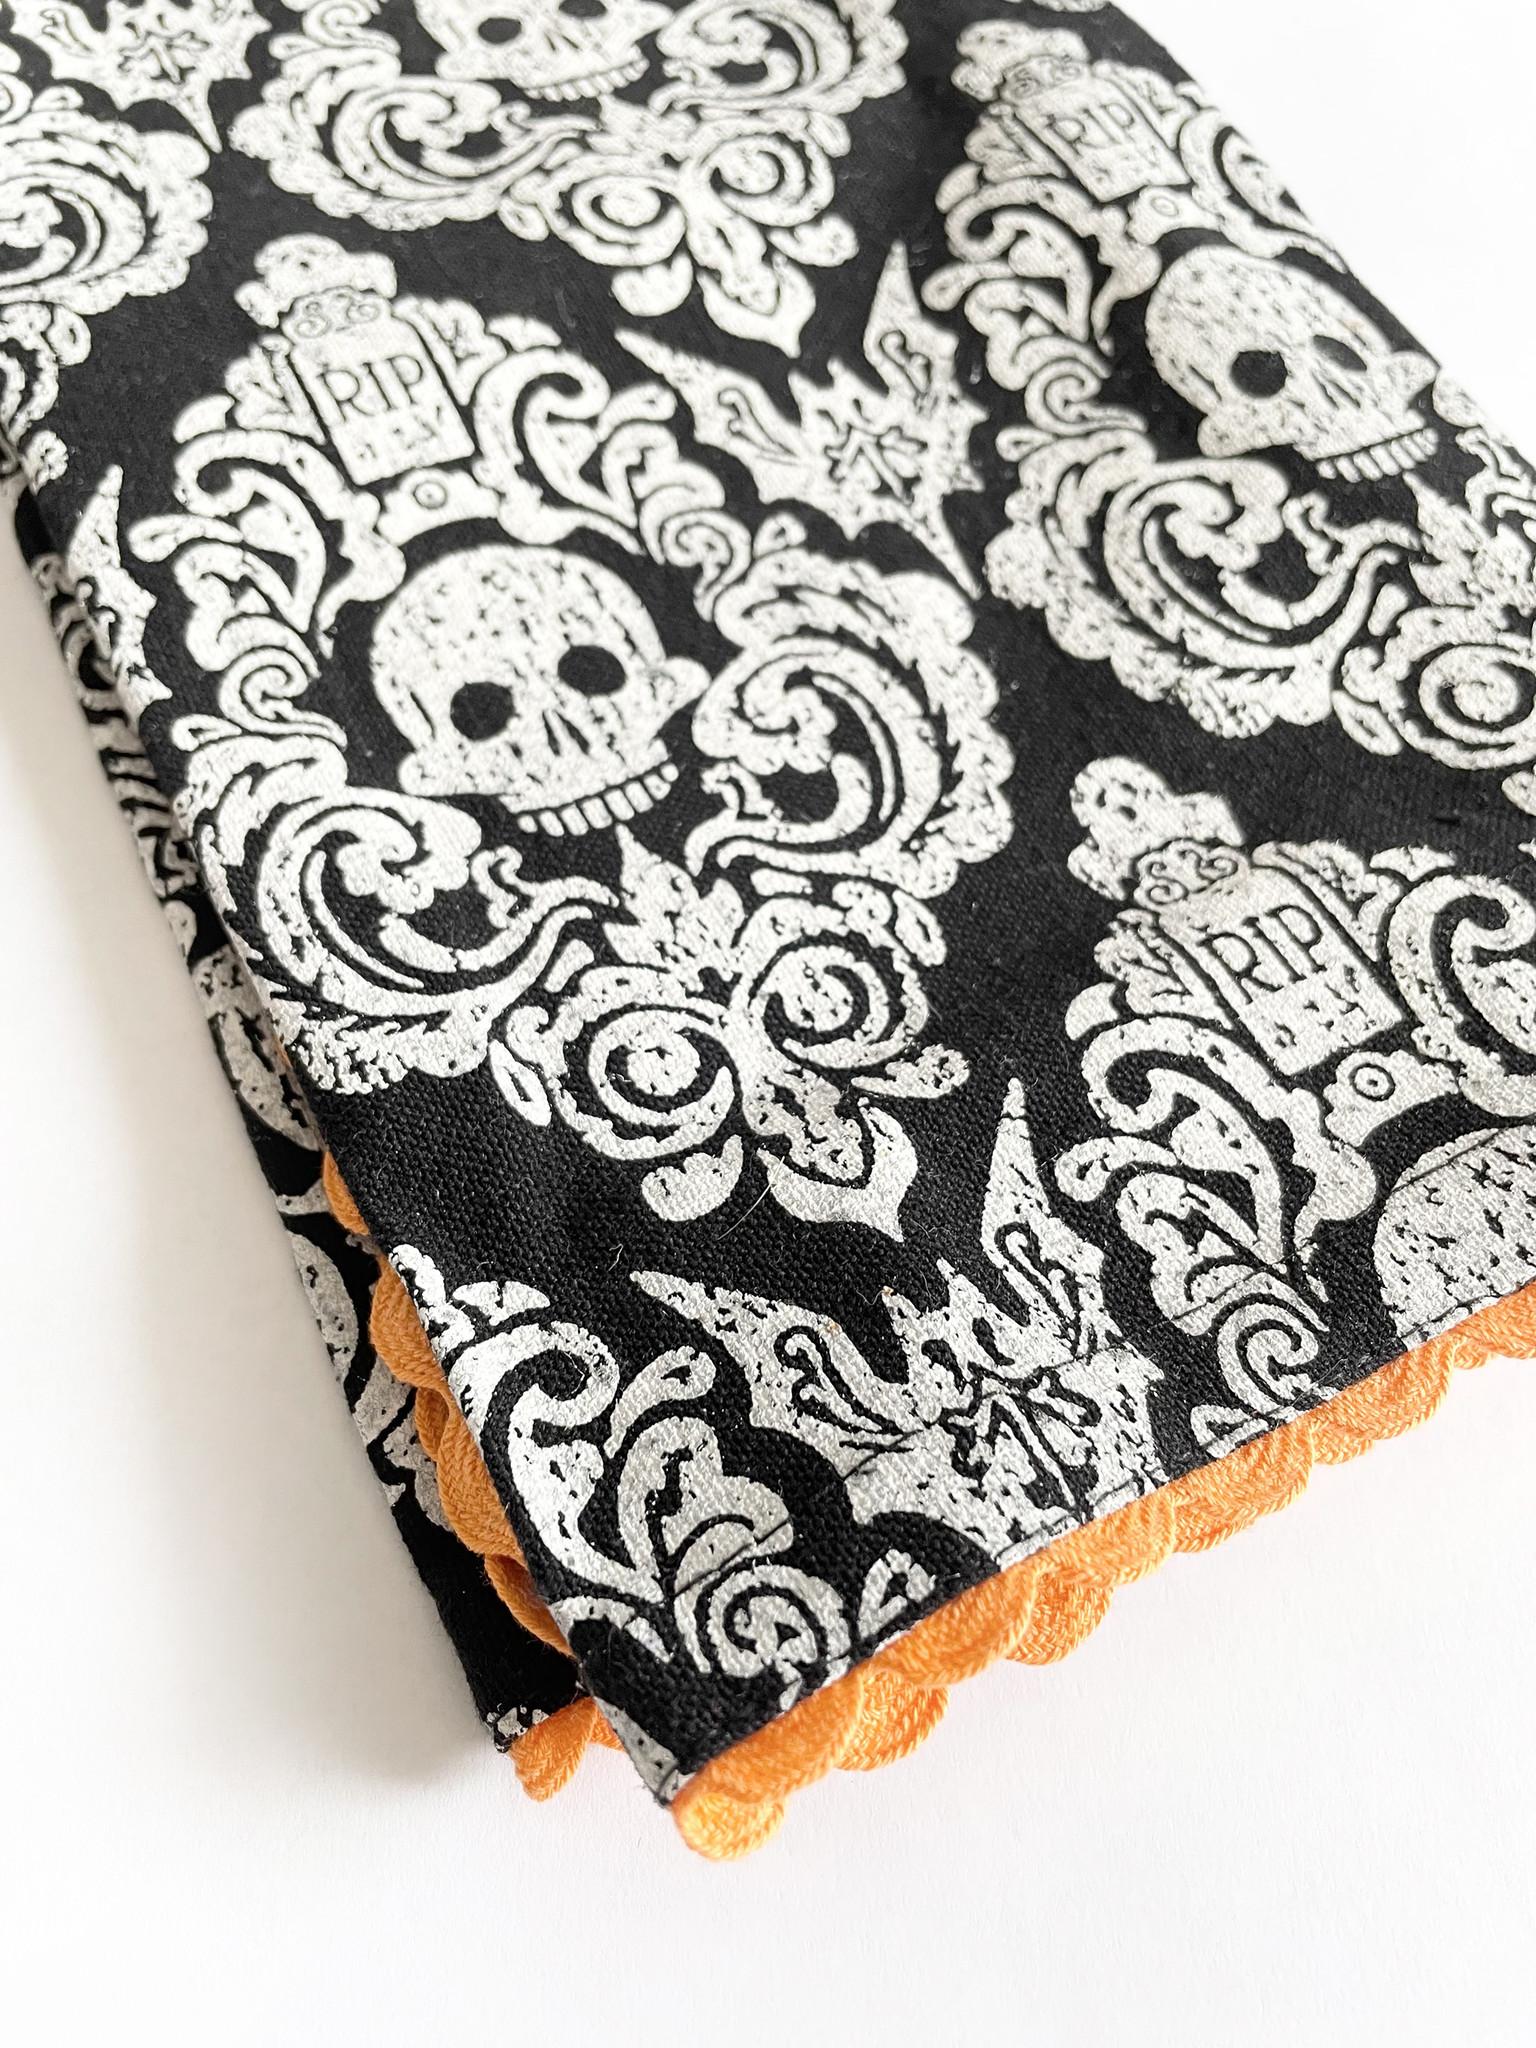 DII Embellished Graveyard Damask Kitchen Towel-1